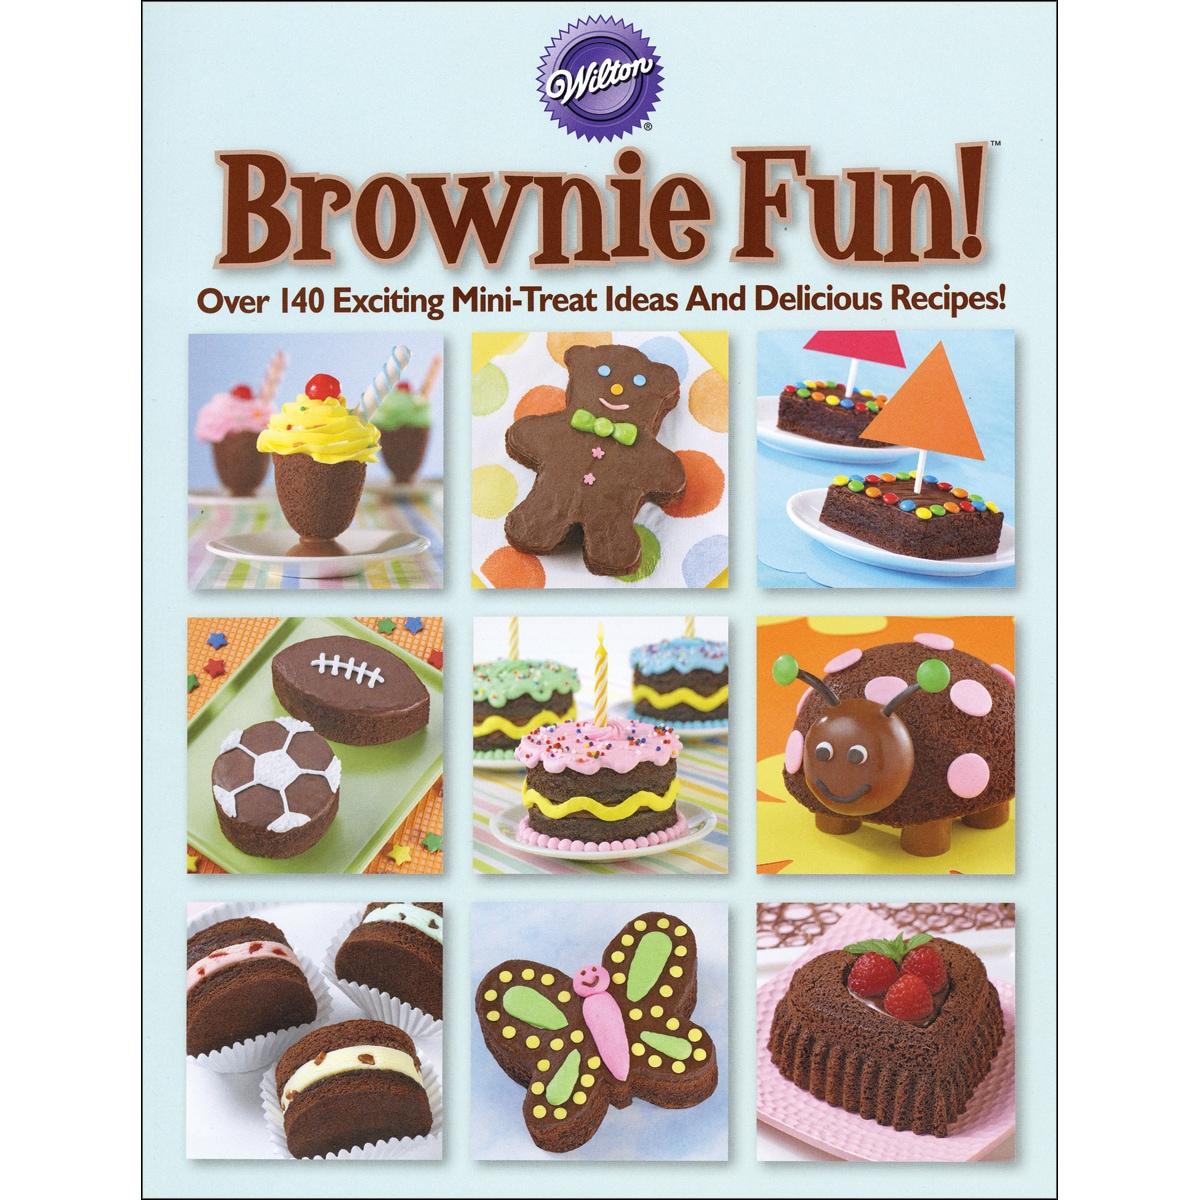 Brownie Fun! Book